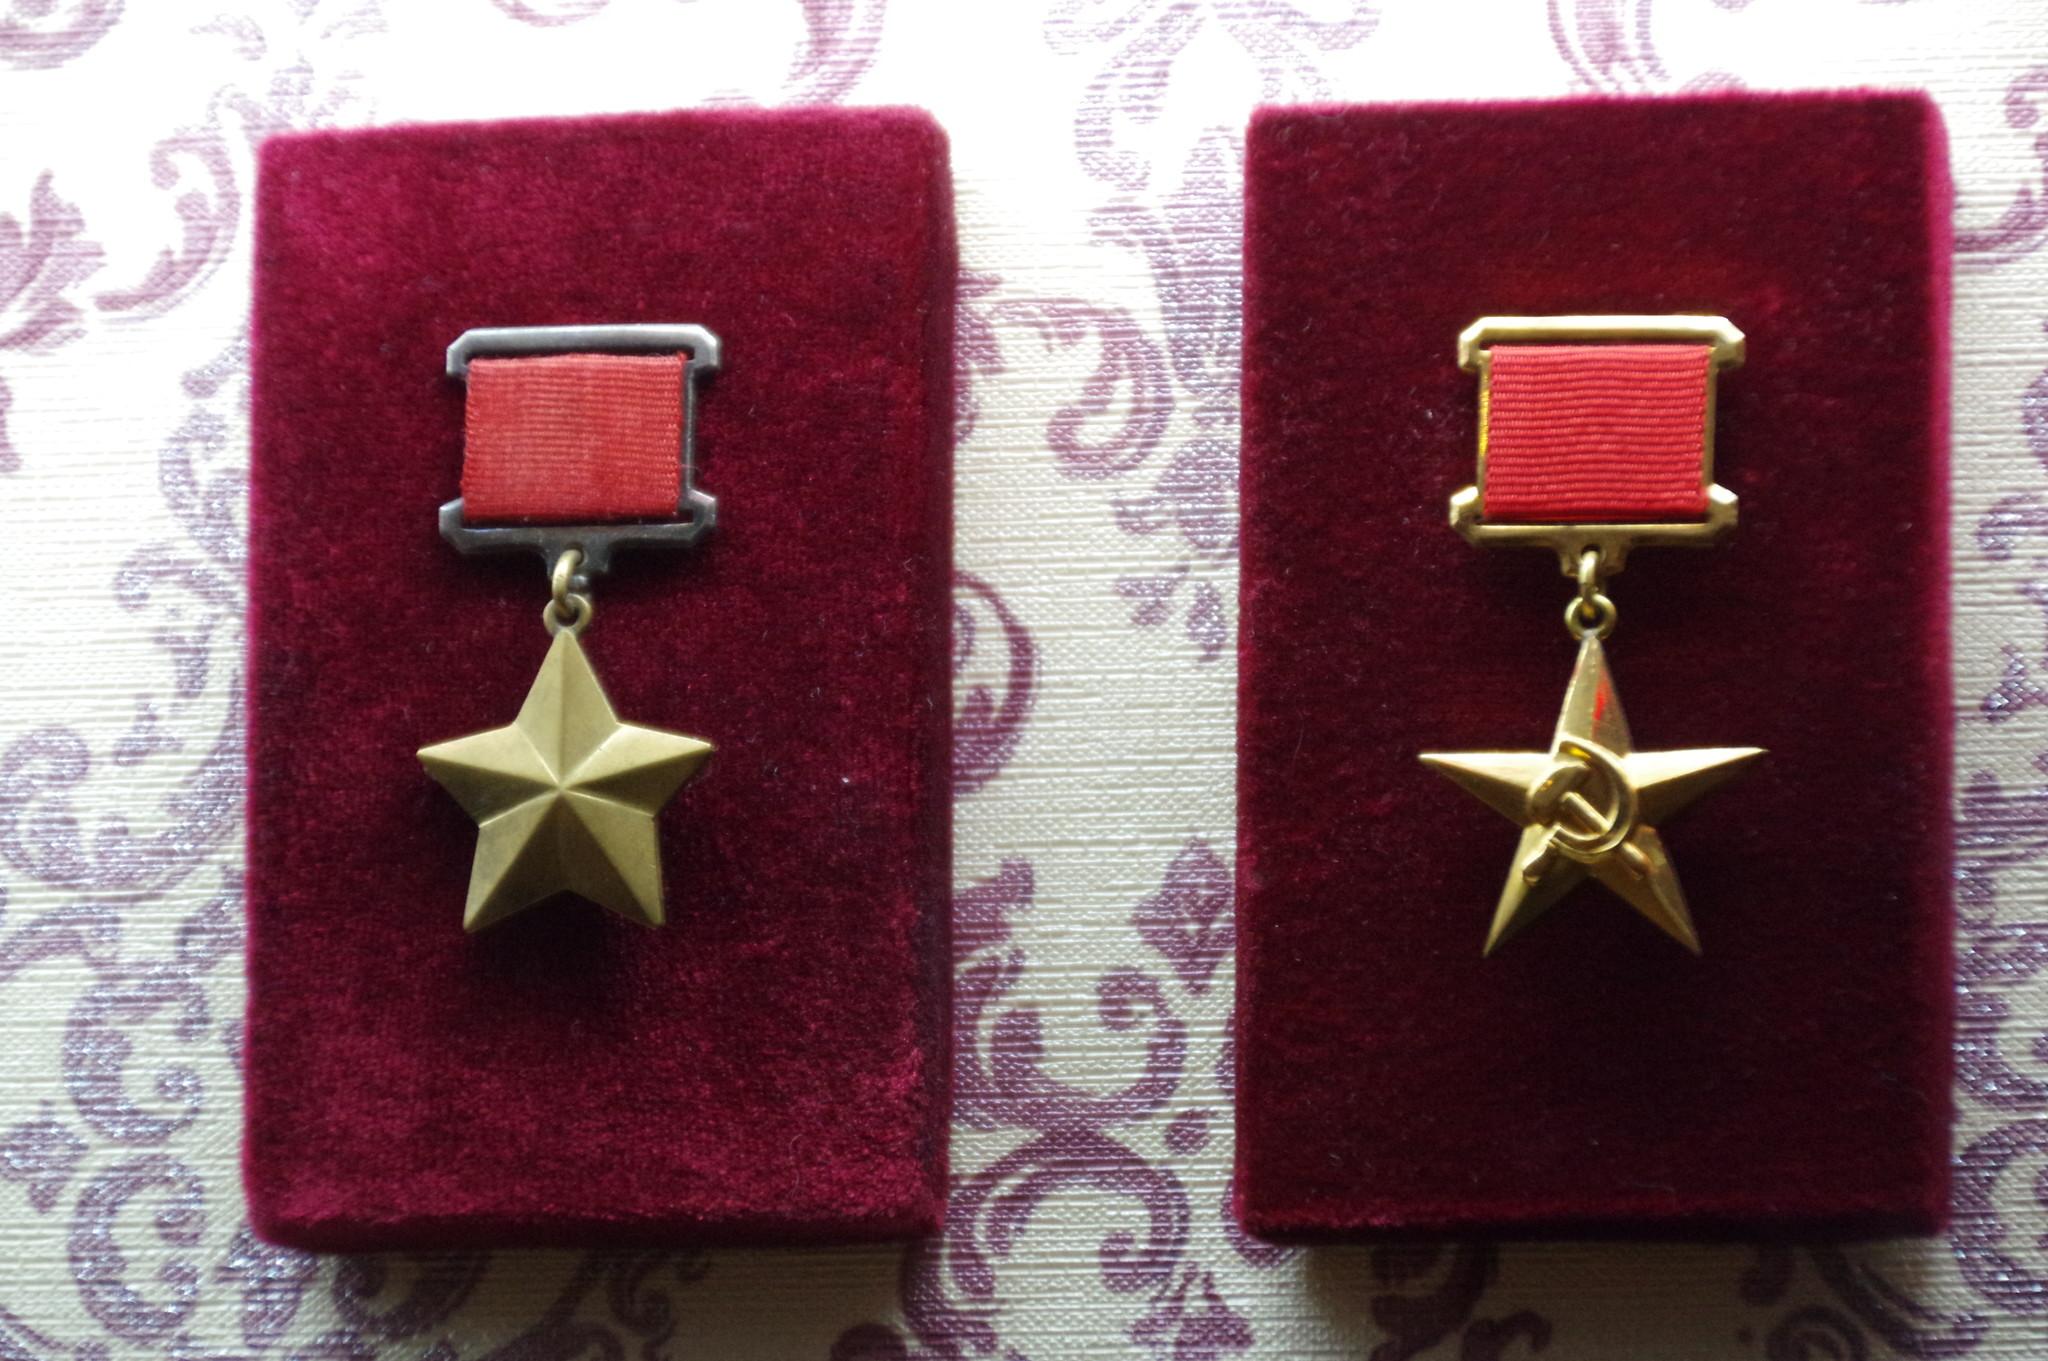 Медаль Золотая Звезда Героя Советского Союза и Золотая медаль Серп и Молот в экспозиции Музея Победы